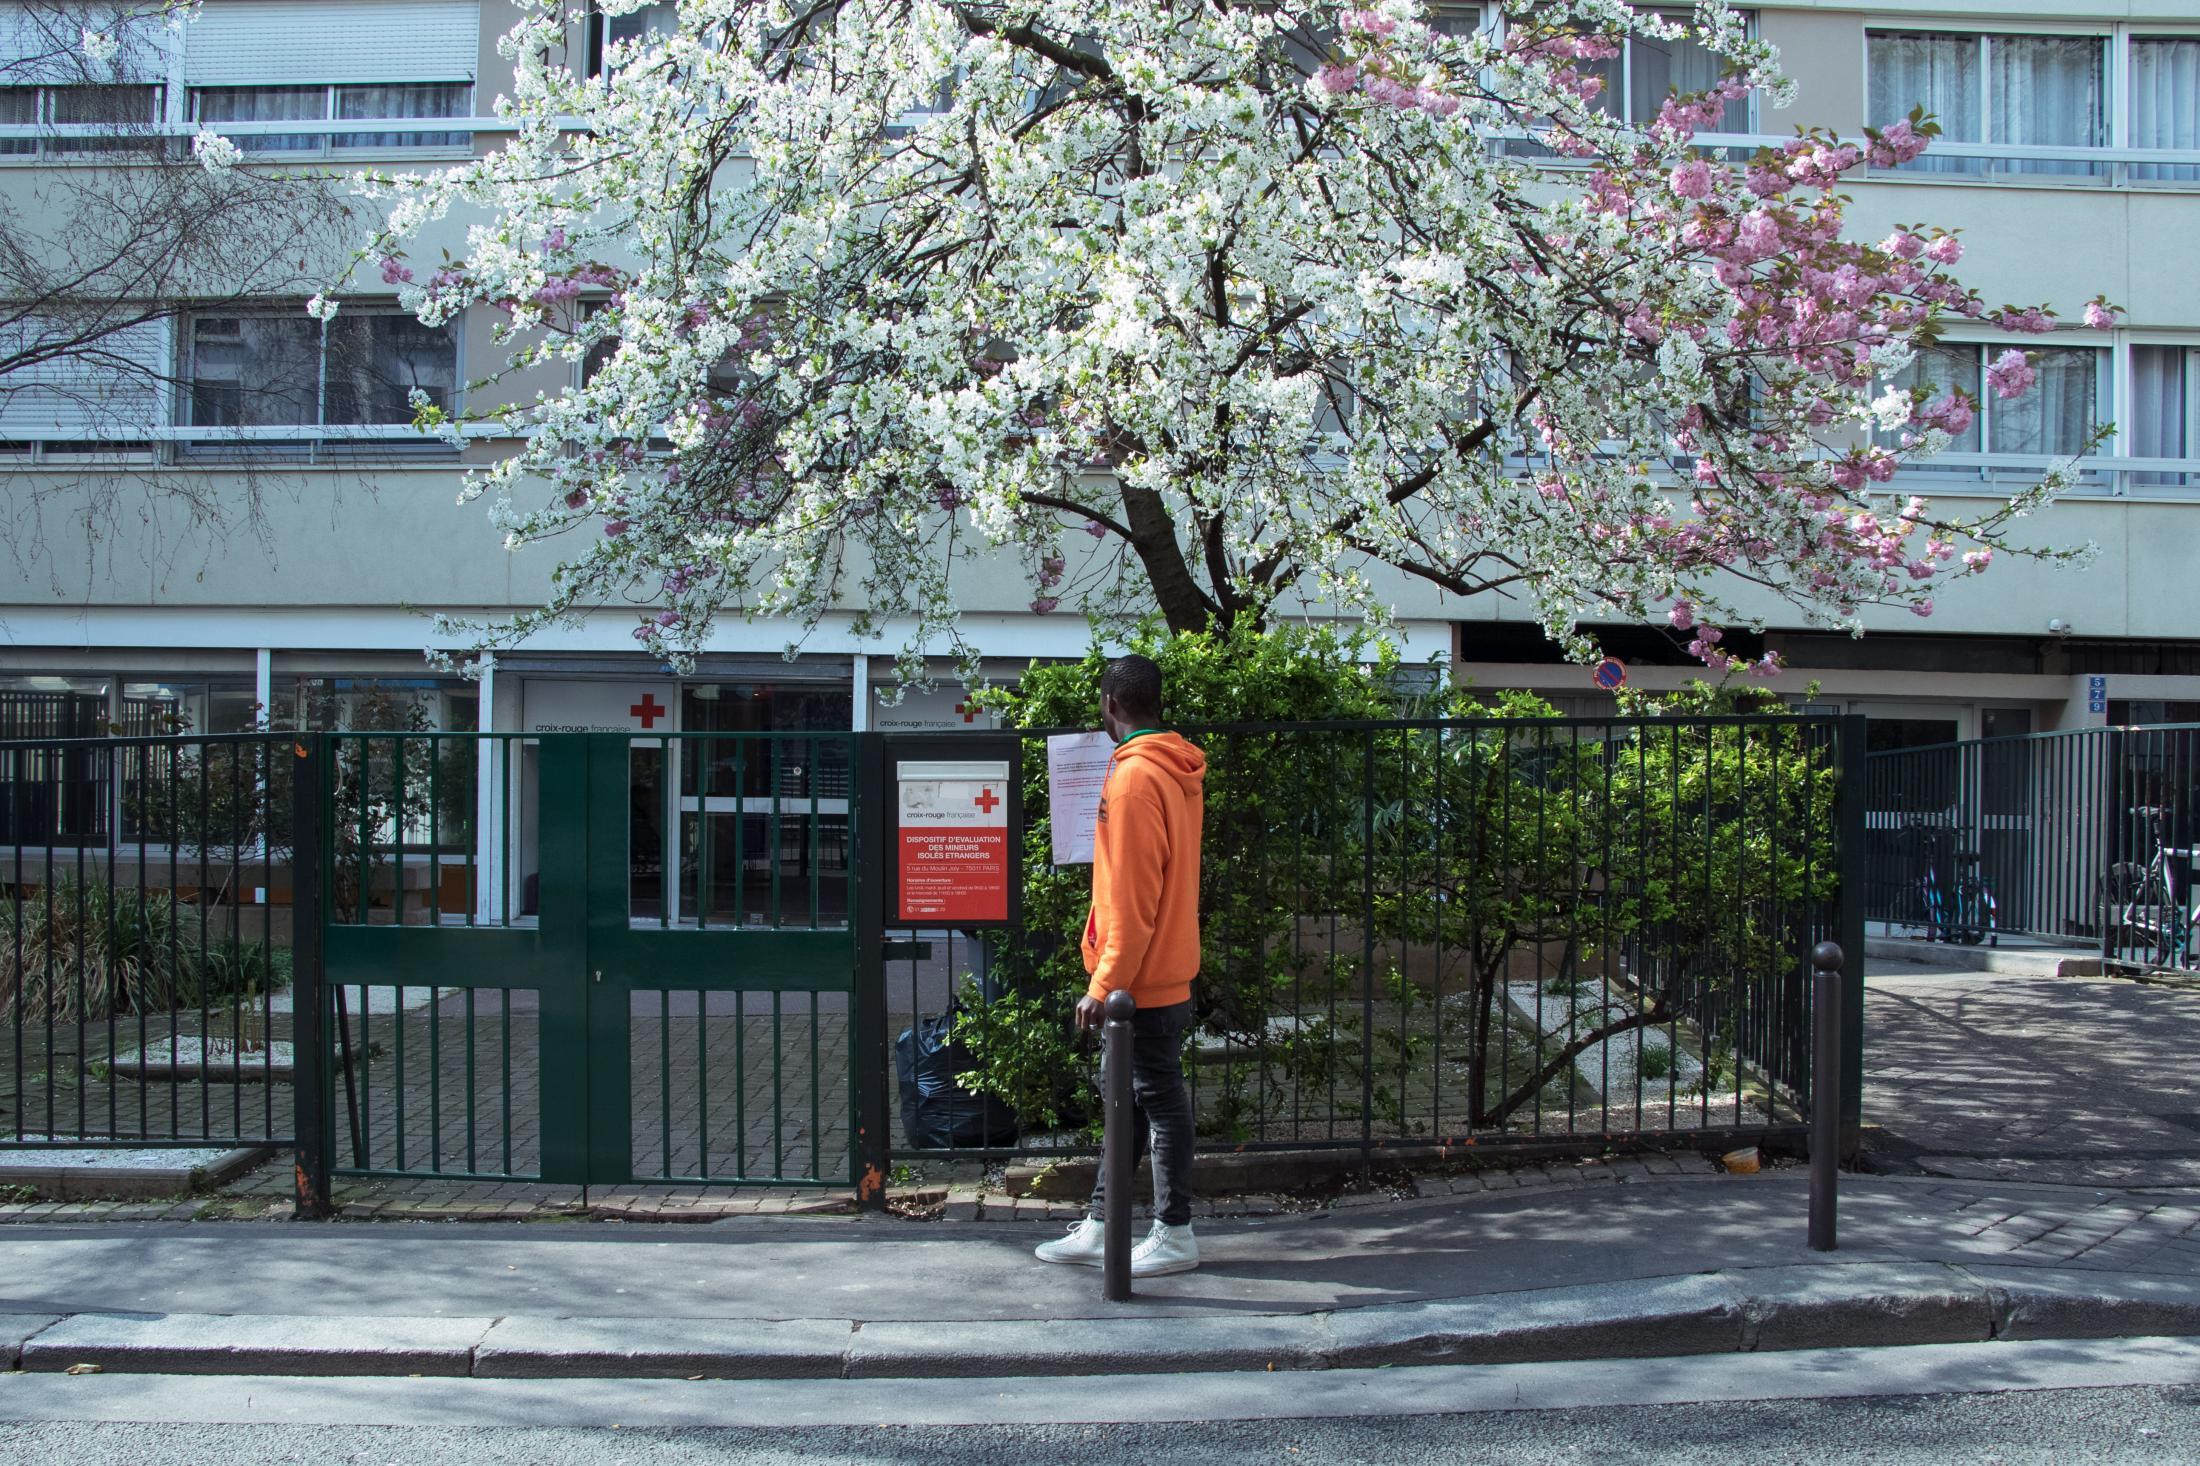 Devant la grille du portail du DEMIE 75, un jeune ivoirien lit les consignes d'accueil.